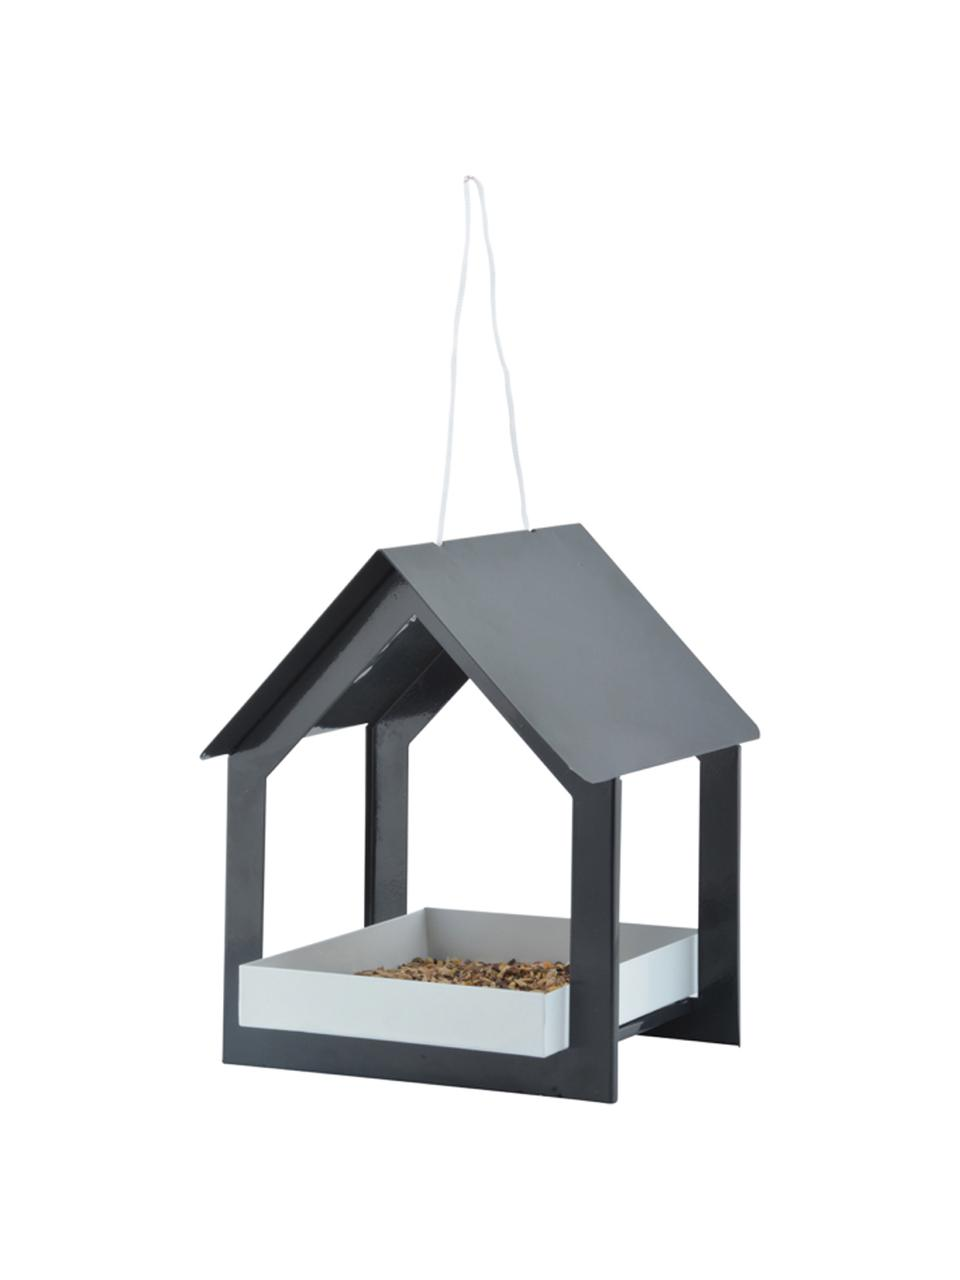 Mangiatoia per uccelli Rado, Acciaio, Antracite, bianco, Larg. 19 x Alt. 23 cm